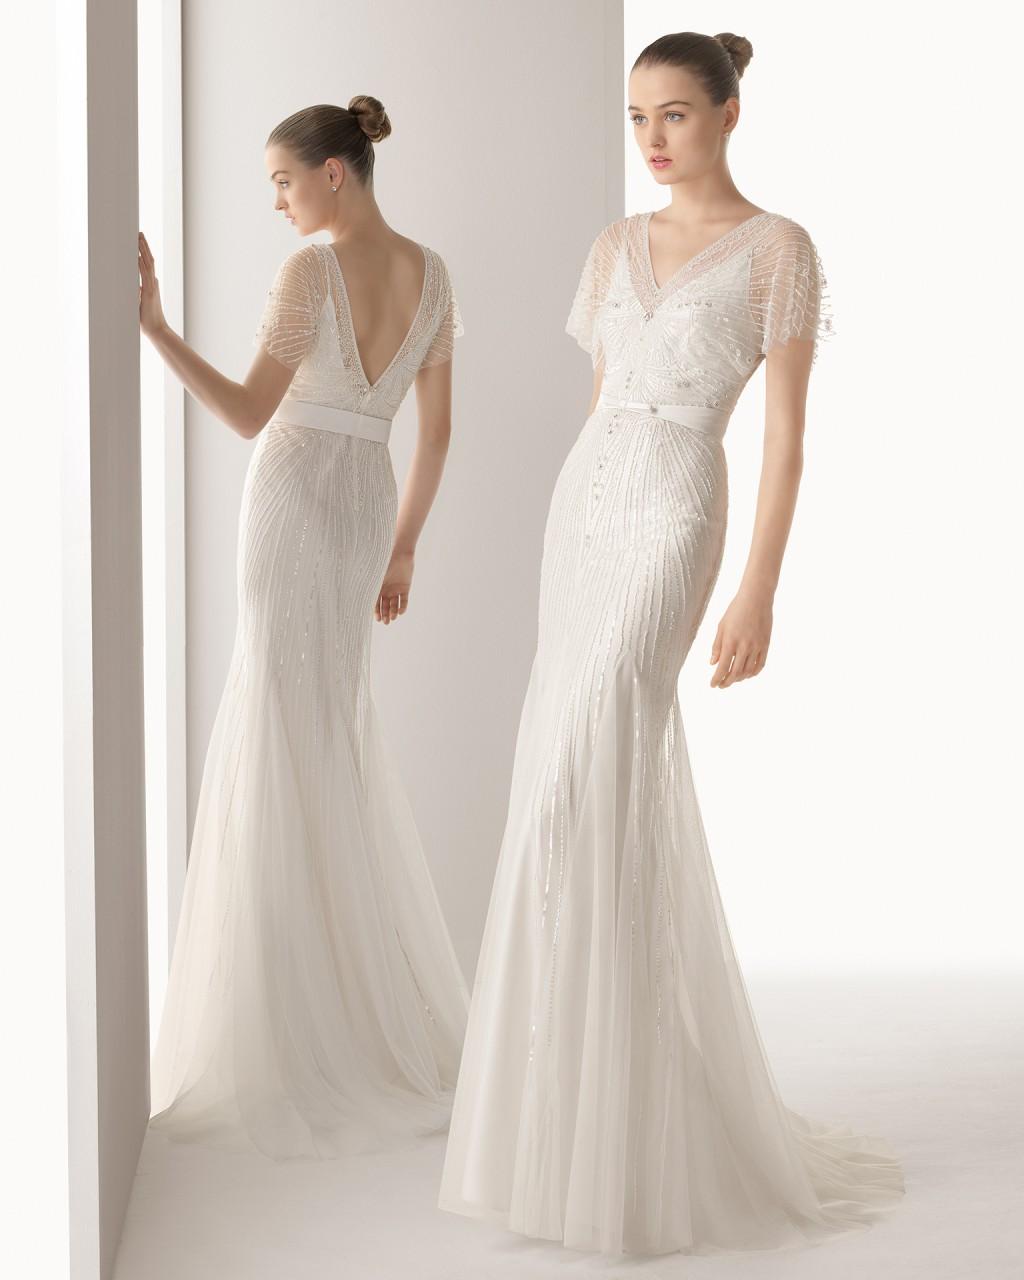 16 rosa clara 2015 najpięknieksze suknie ślubne2